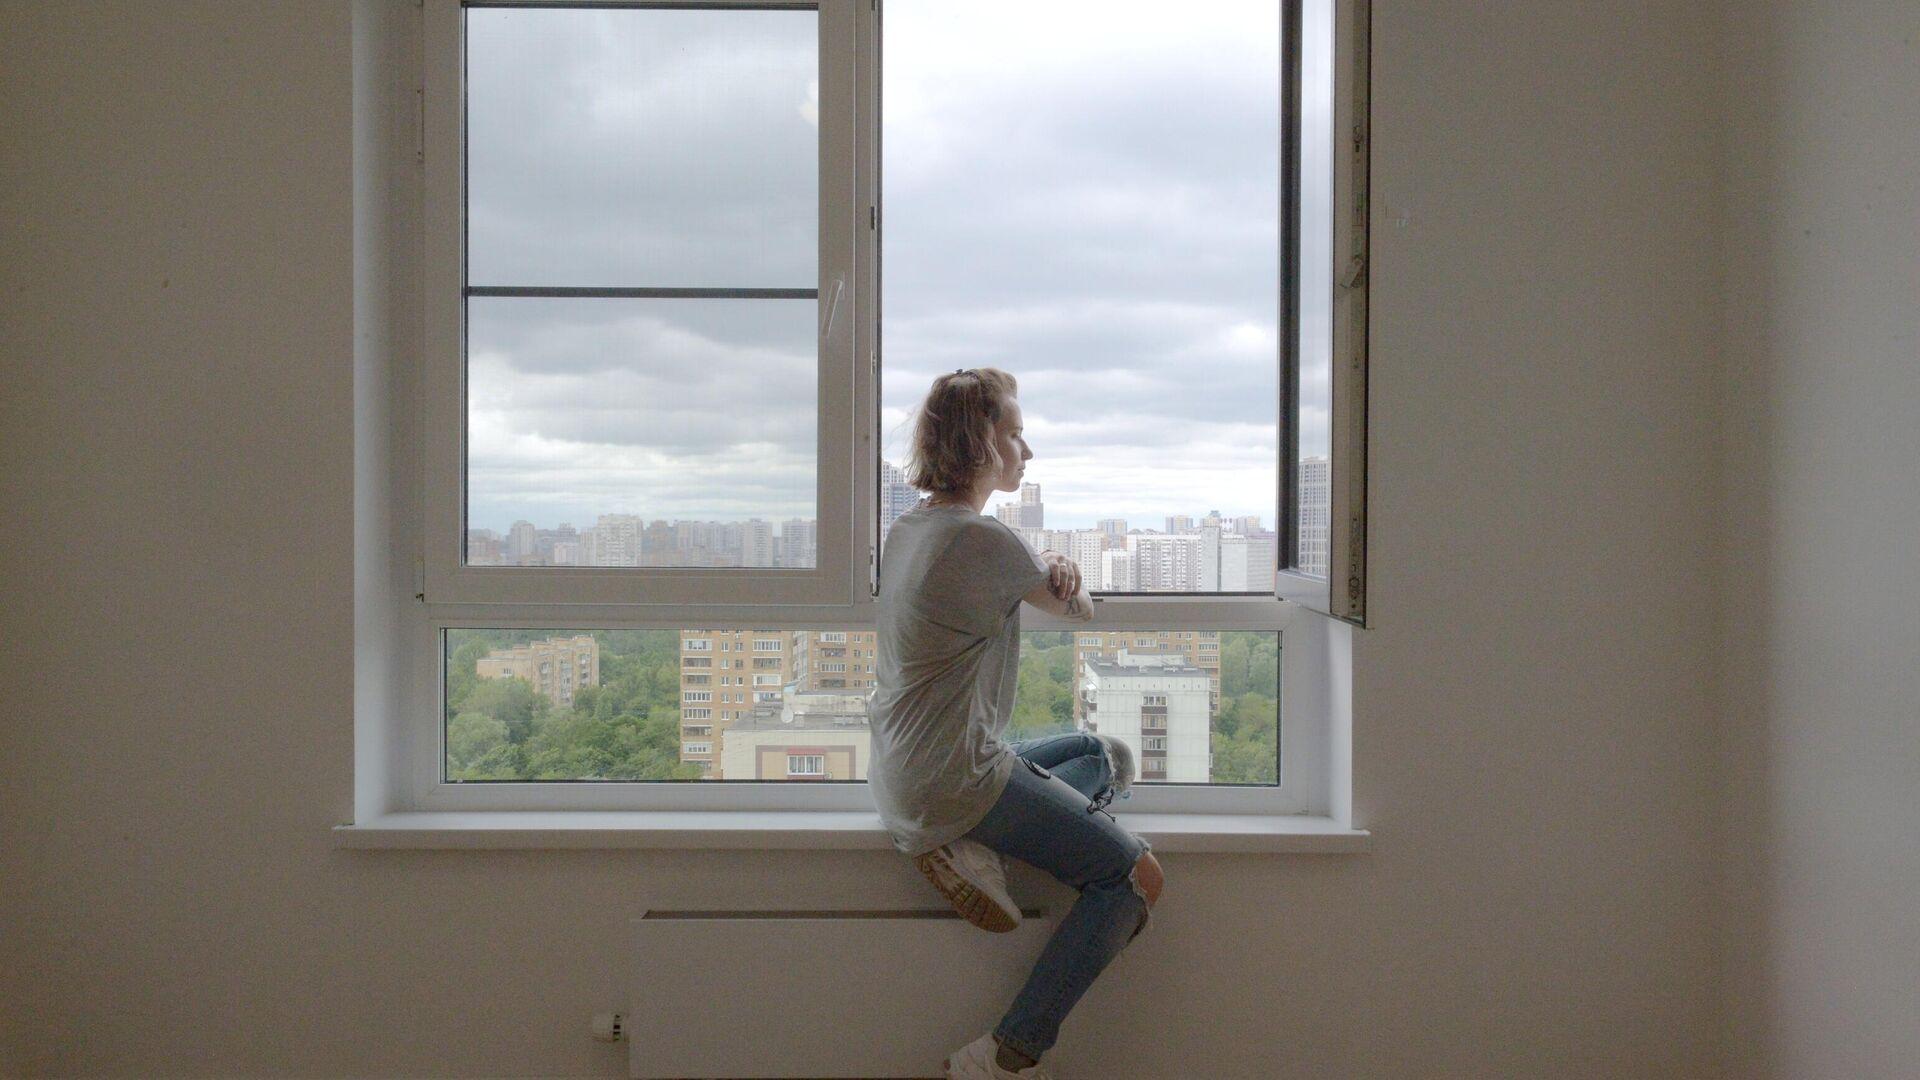 Дом, введенный по программе реновации жилищного фонда - РИА Новости, 1920, 22.07.2021